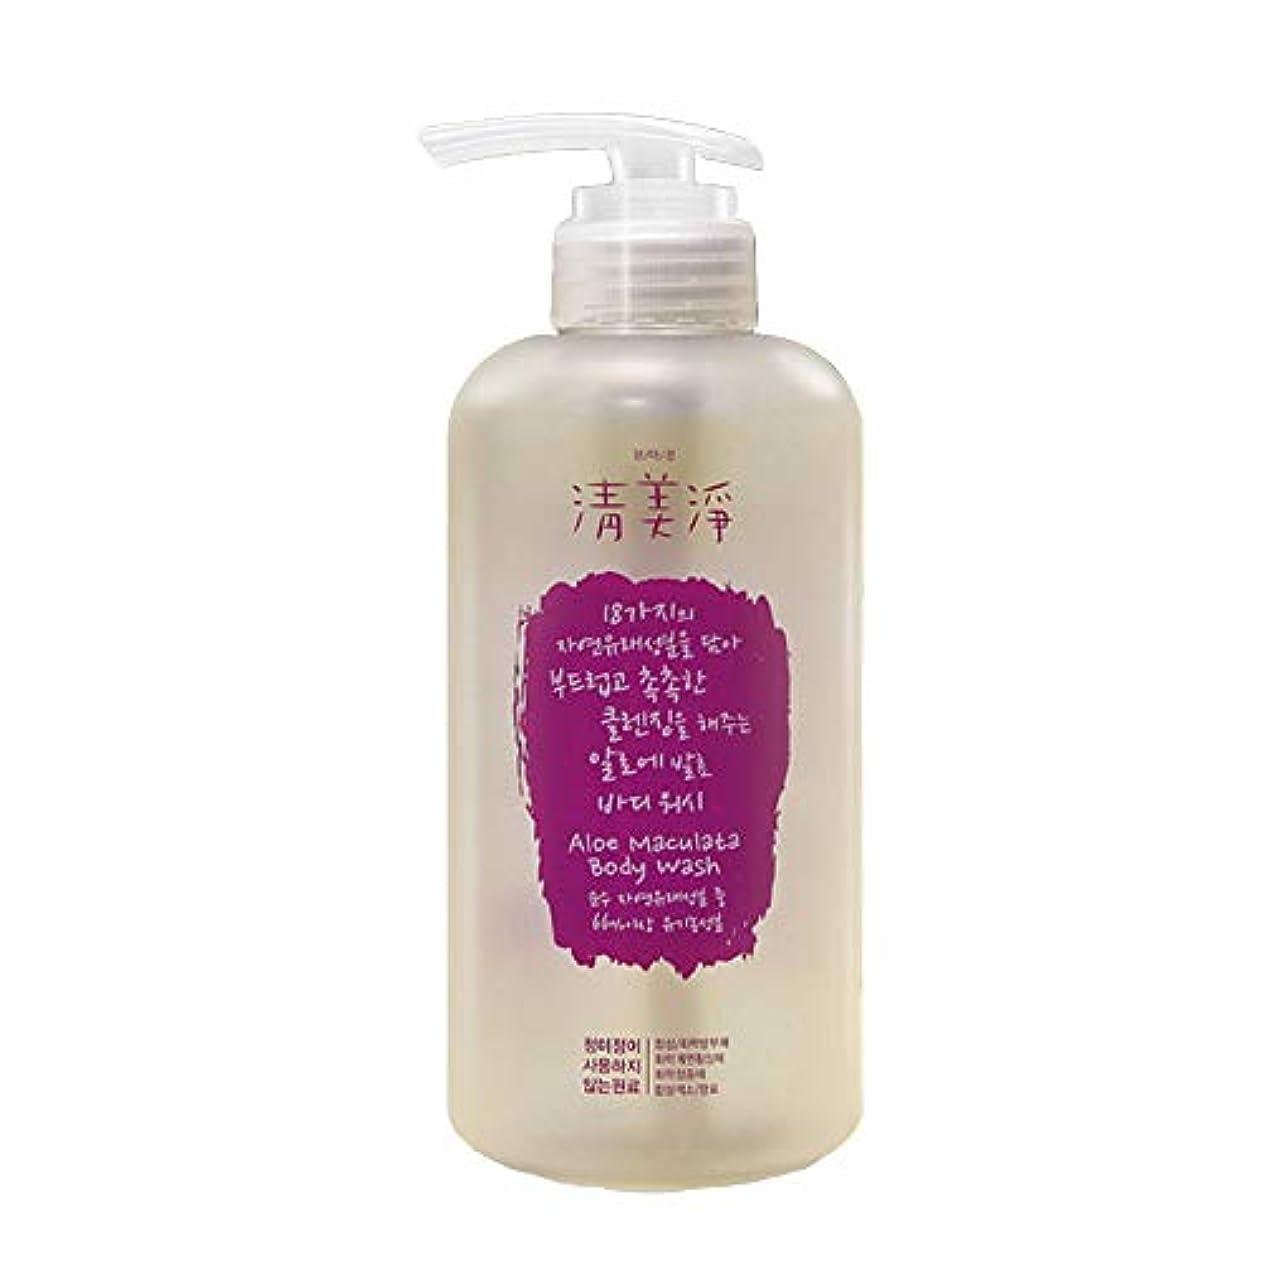 フロント生産性[ChungMiJung] 清美浄(チョンミジョン) アロエ発酵ボディウォッシュ 500ml Aloe Maculata Body Wash - Organic Body Wash with 18 Ingredients...